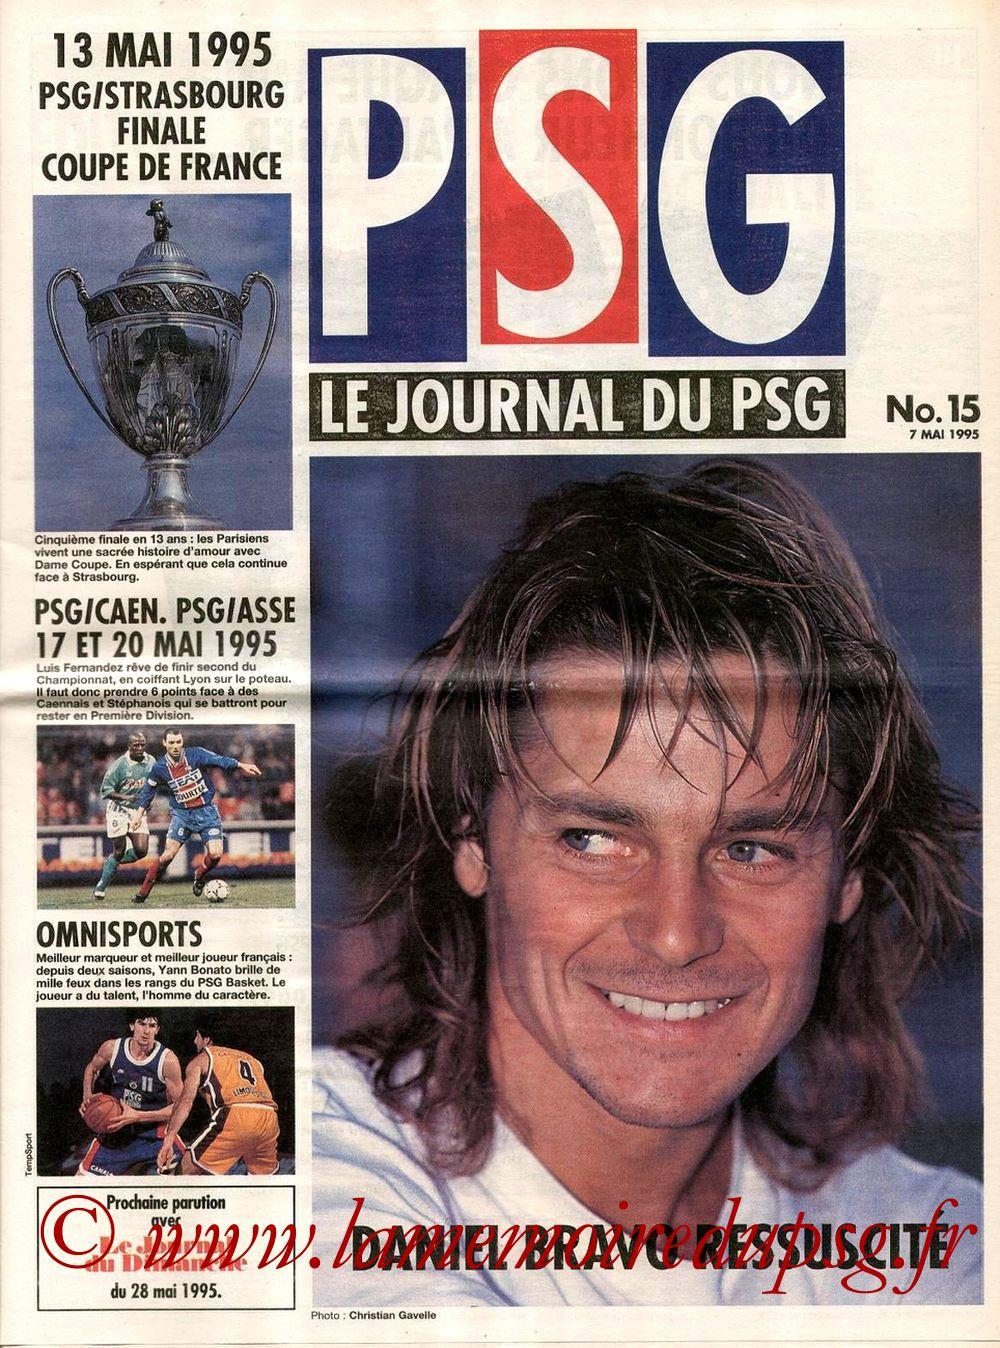 1995-05-13  PSG-Strasbourg (Finale CF au Parc des Princes, Le journal du PSG N°15)